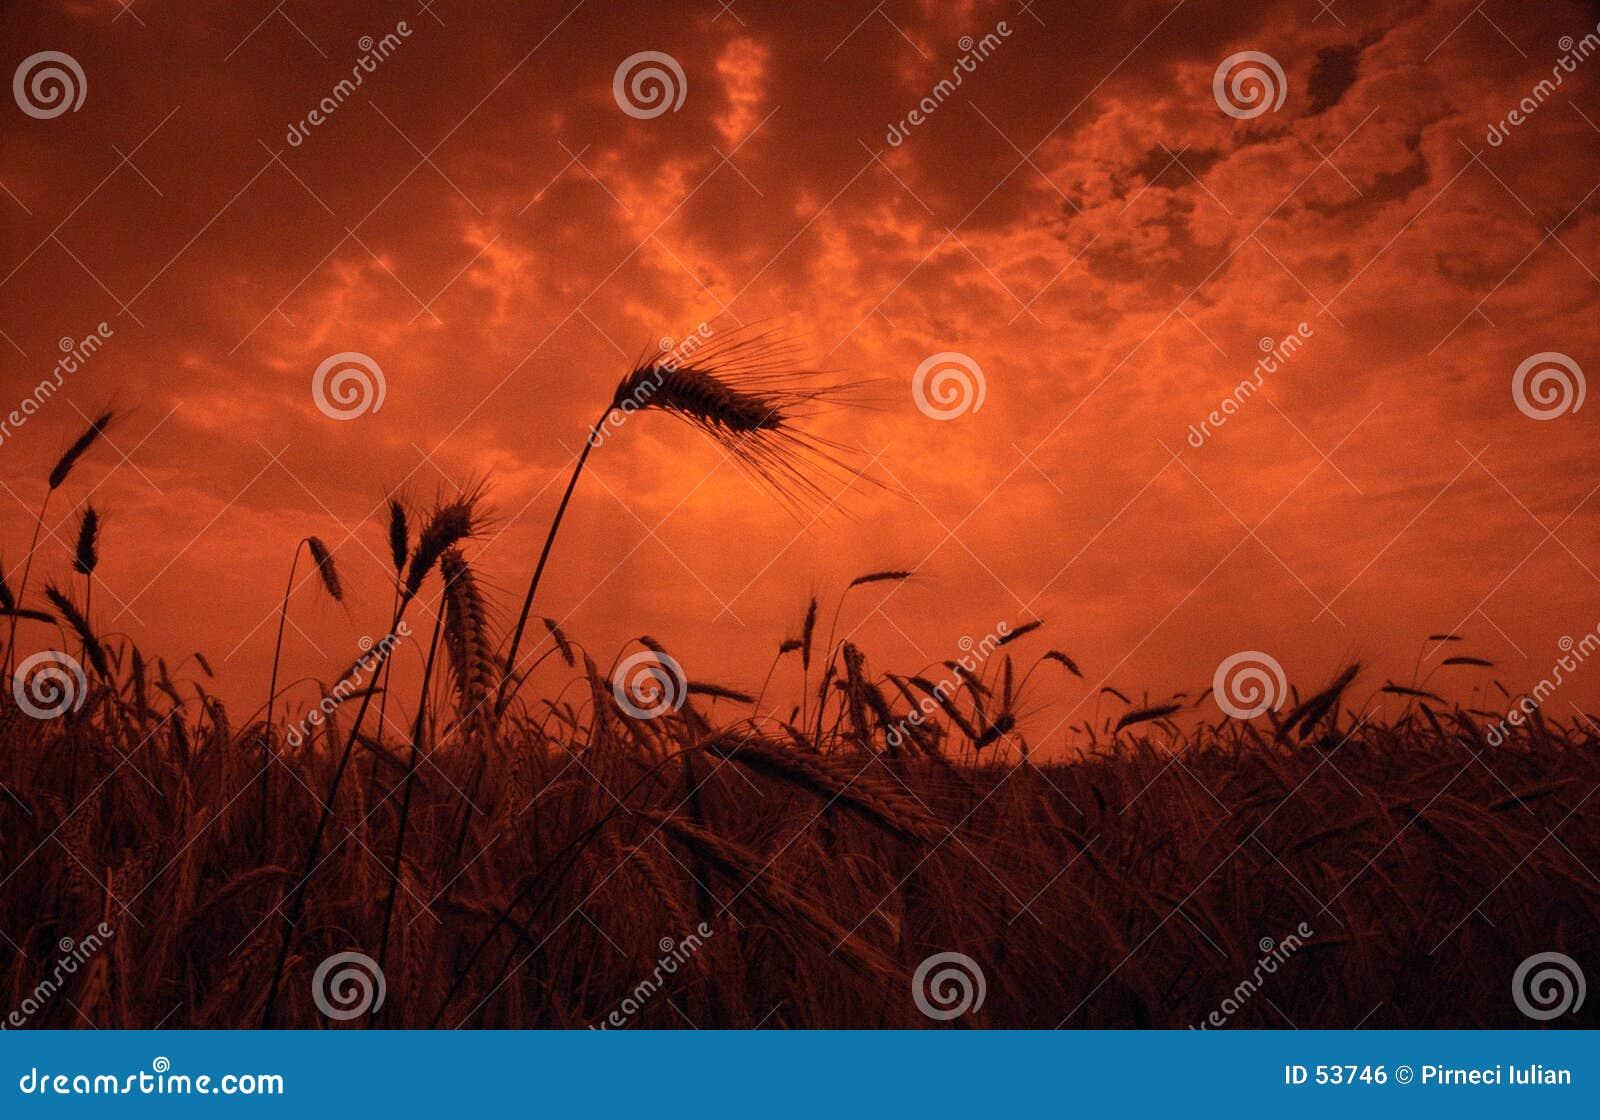 Sunset pola